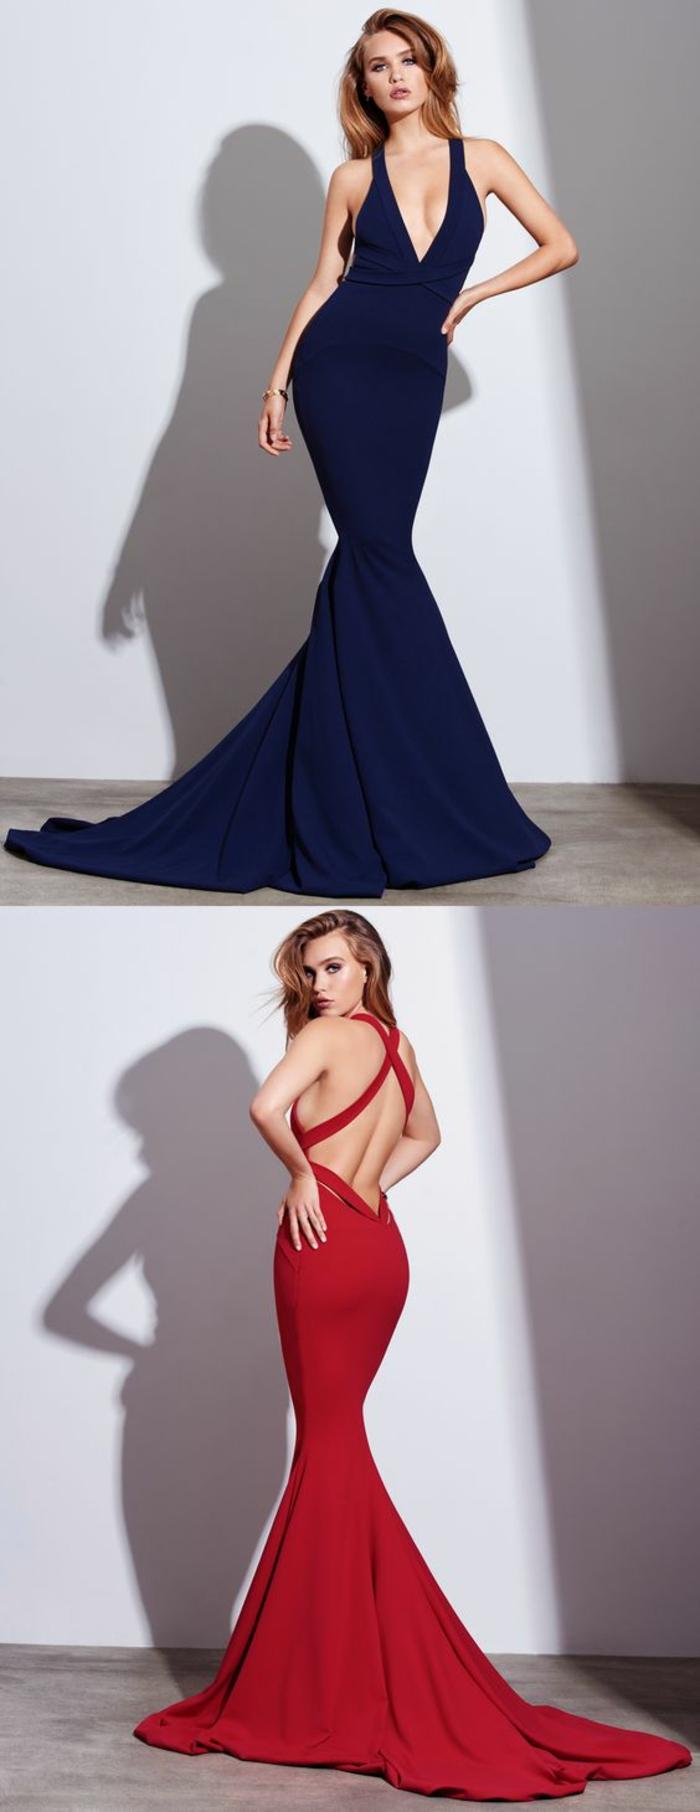 robe longue moulante avec longue traîne en bleu et rouge dos nu avec grand décolleté plongeant en V